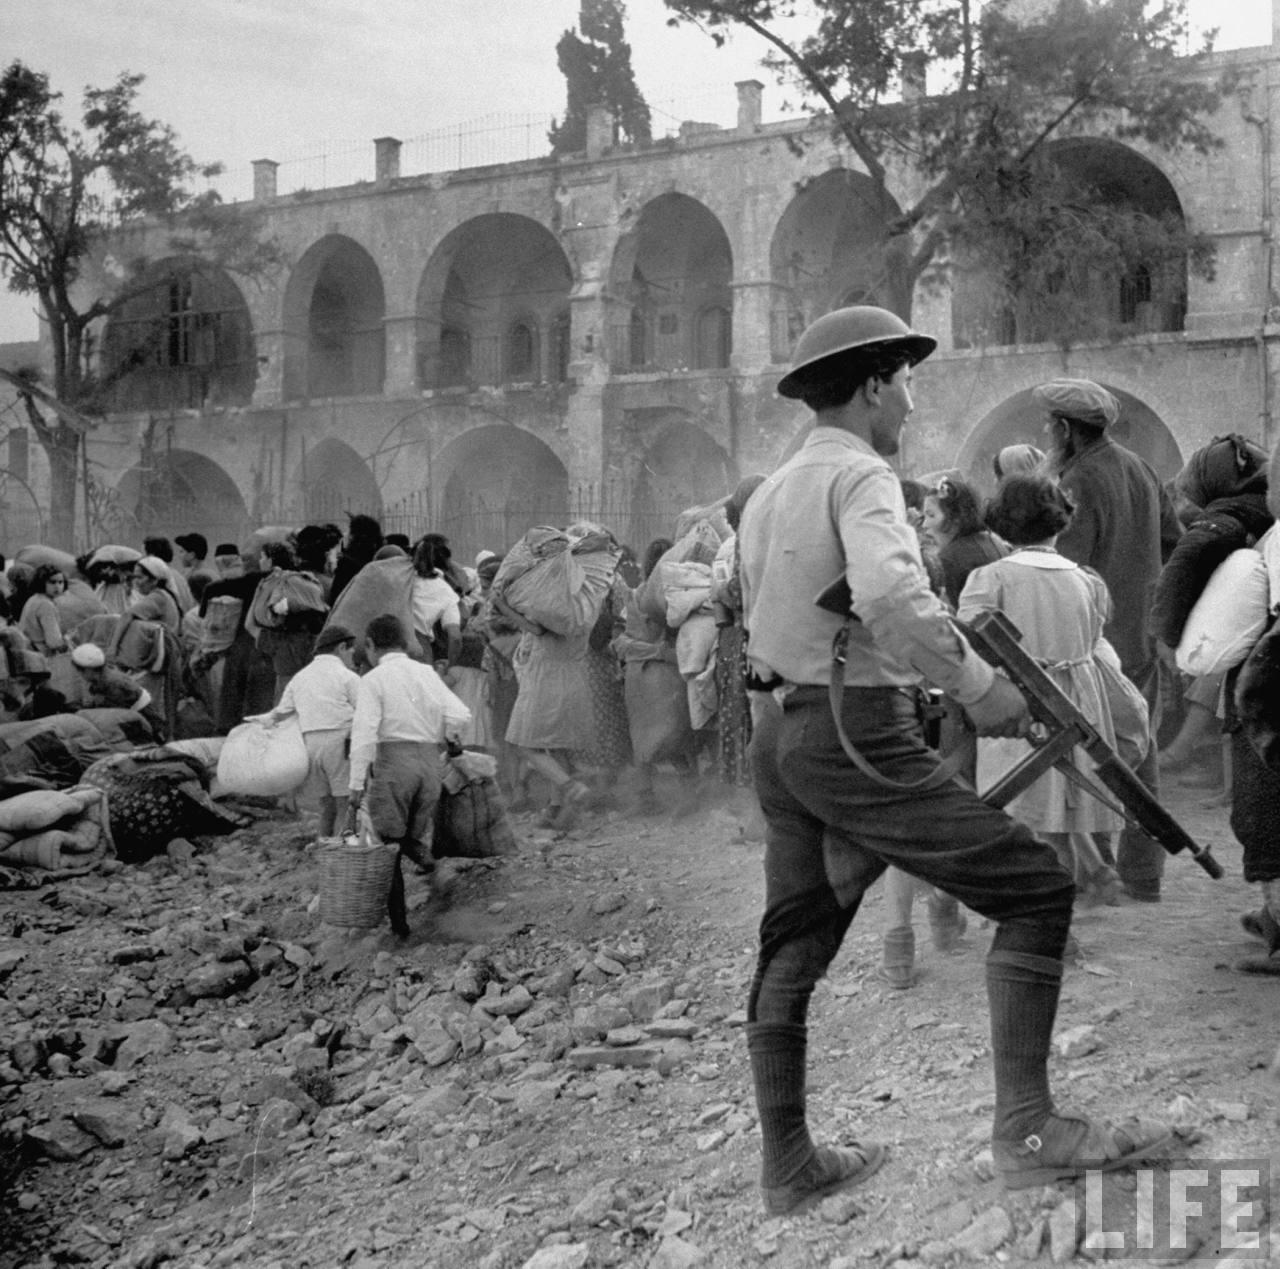 Еврейские семьи бегут из города. Иерусали, июнь